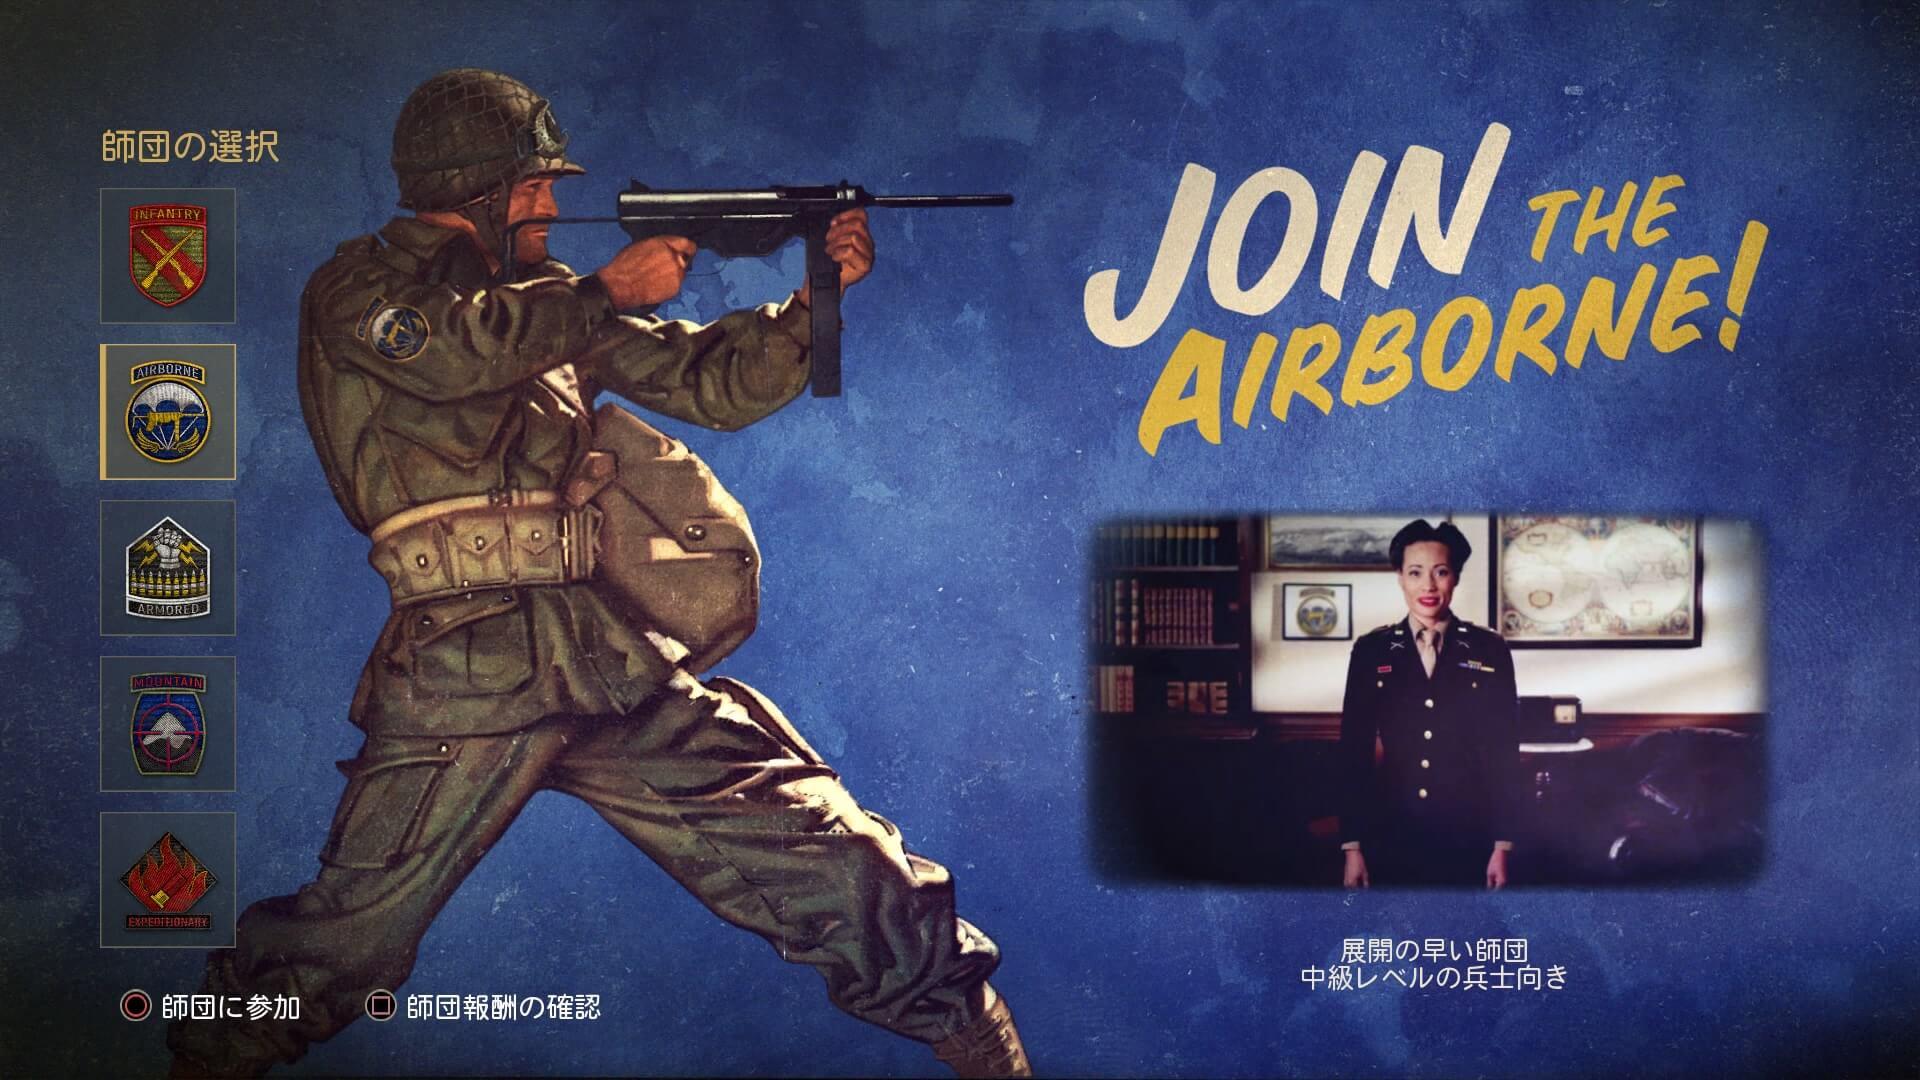 【CoD:WW2】未来戦に近い感覚でプレイしたいなら空挺師団がオススメ!